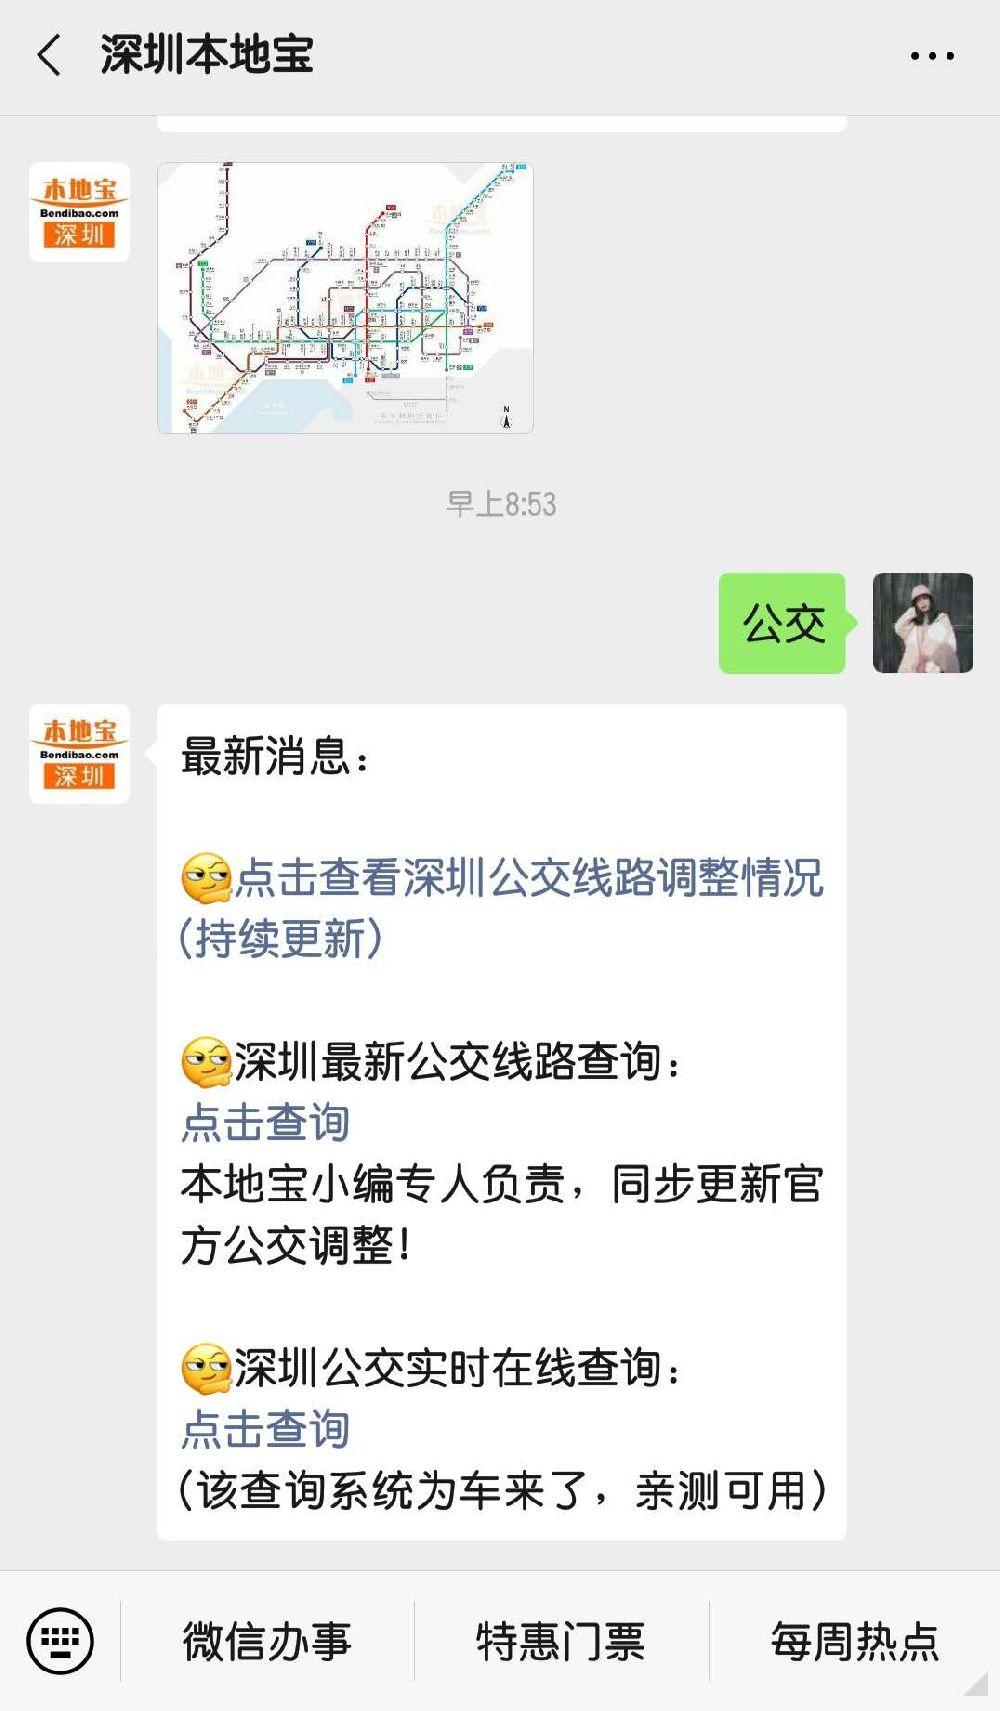 8月21日起深圳一大波公交线路有变化 附调整详情